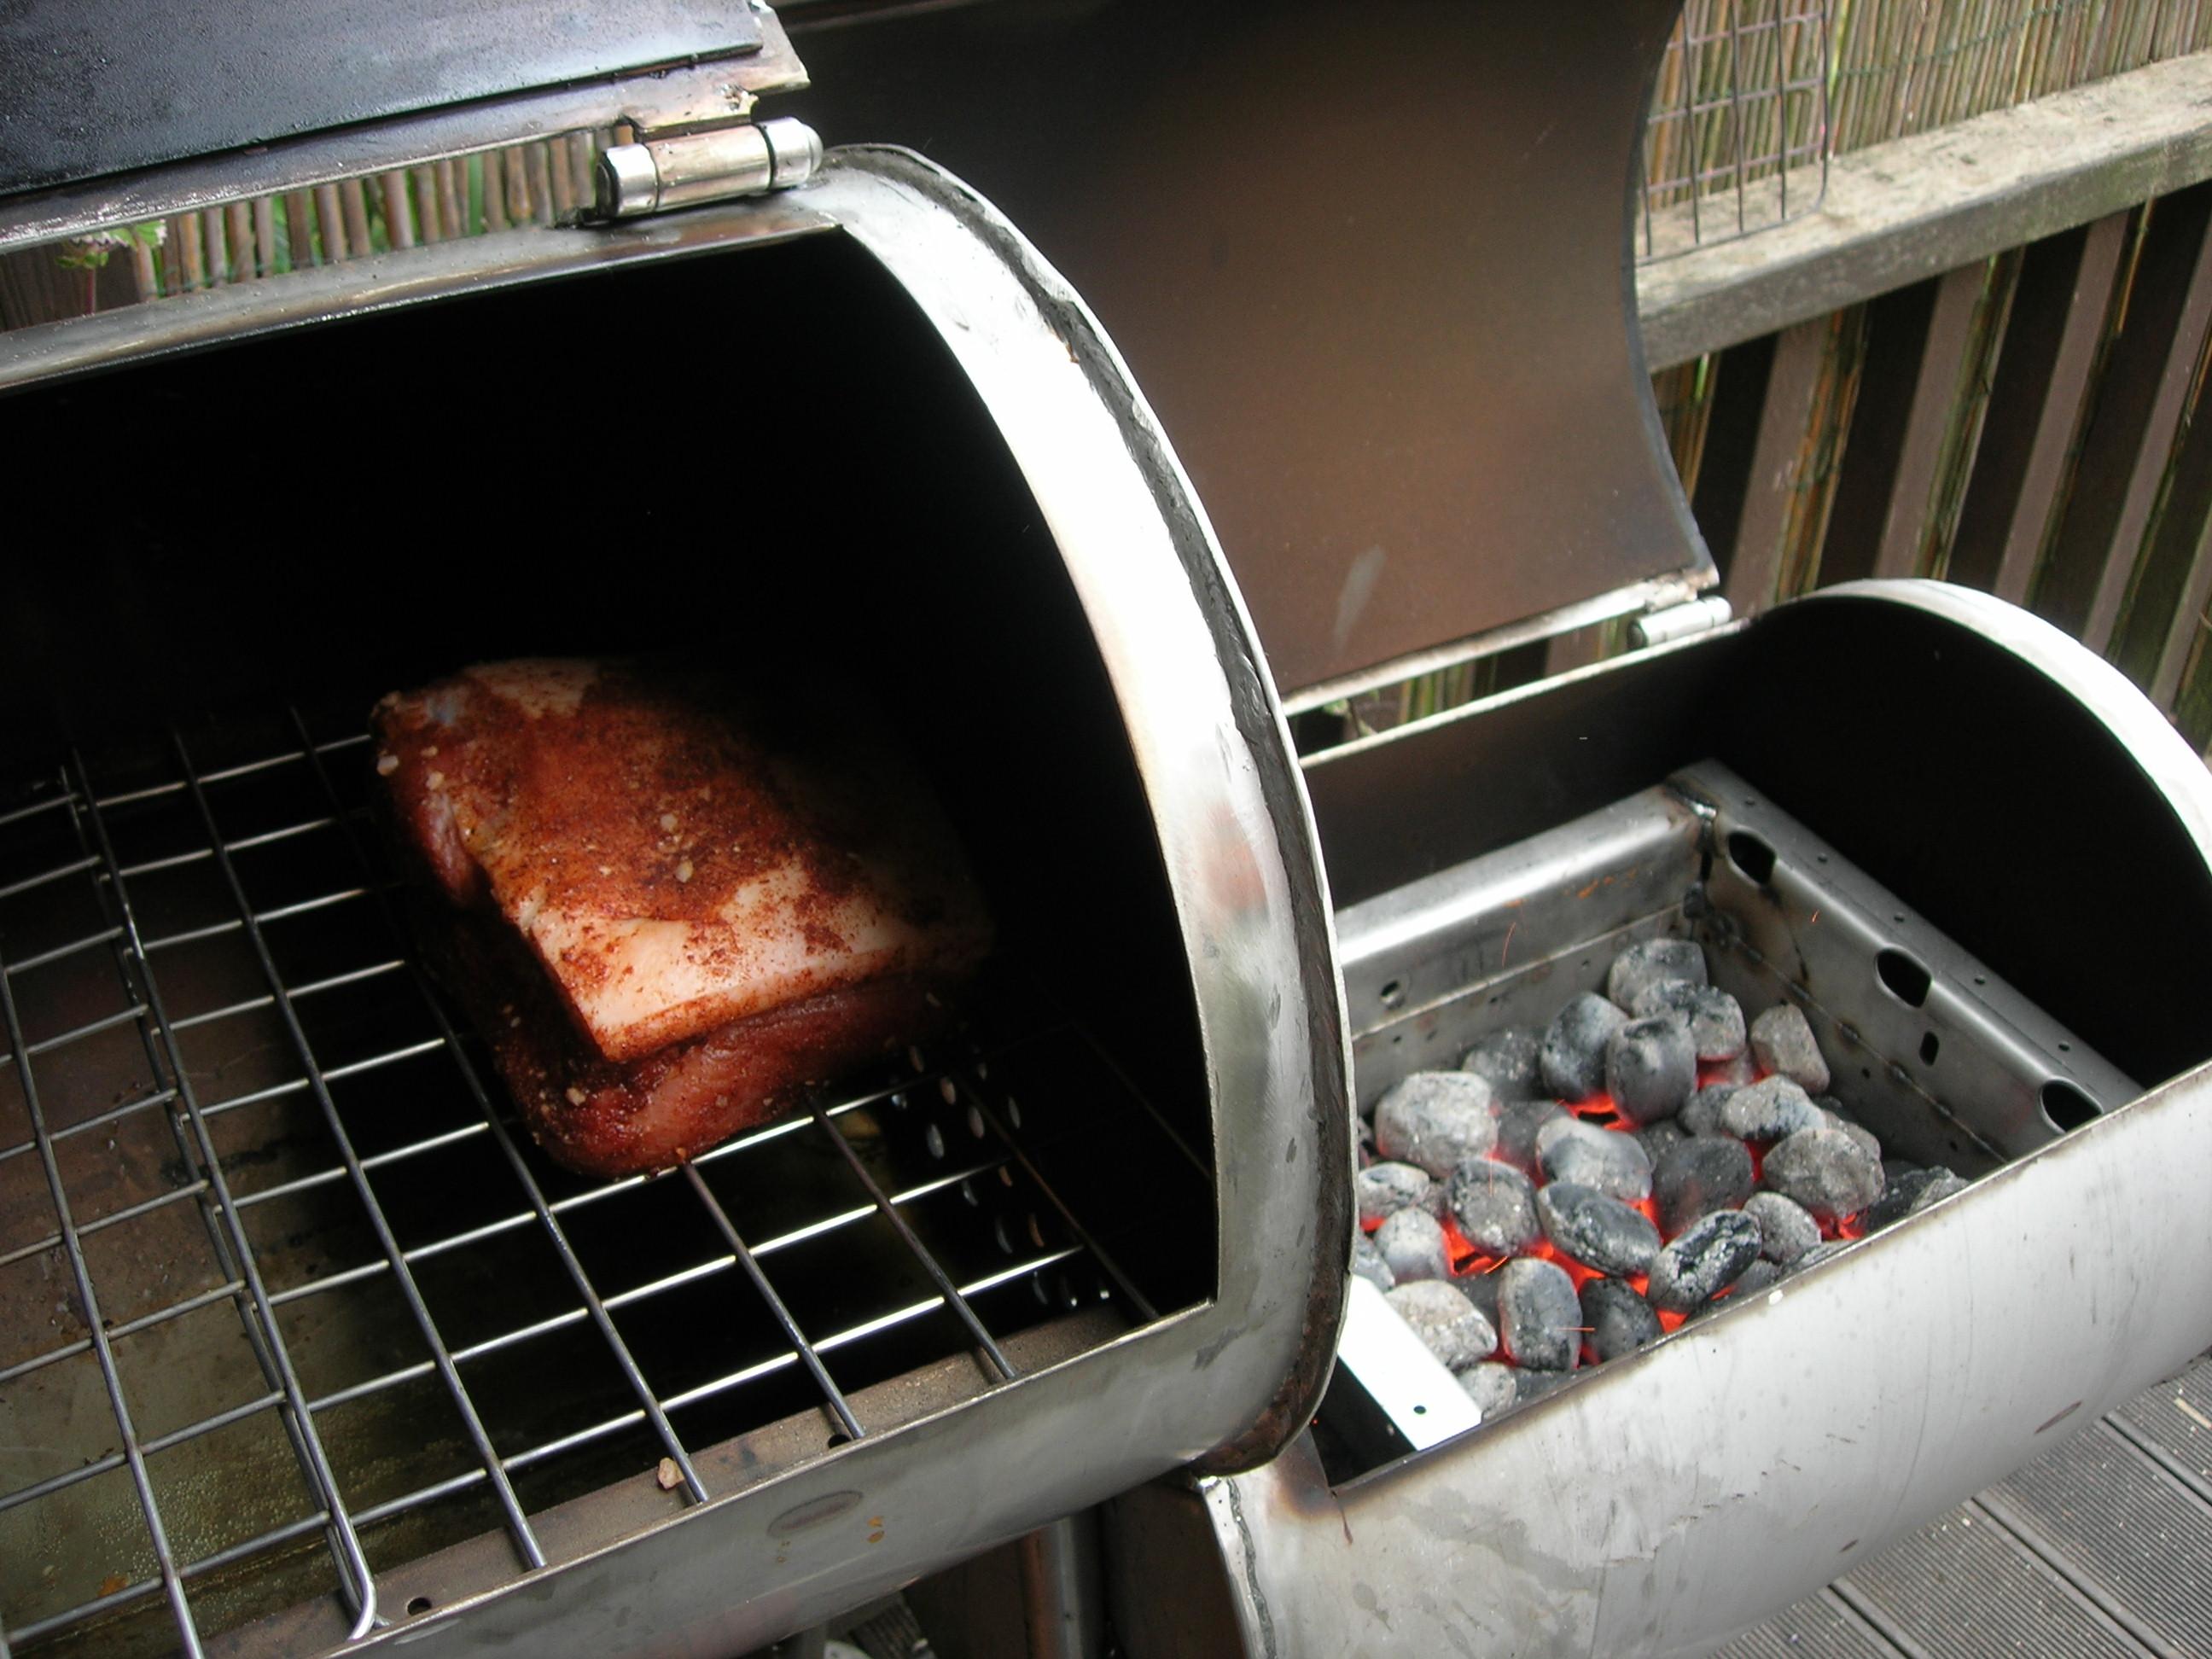 Gsv Pulled Pork Gasgrill : Pulled pork pulled beef wochenende im gsv das leben ist schön